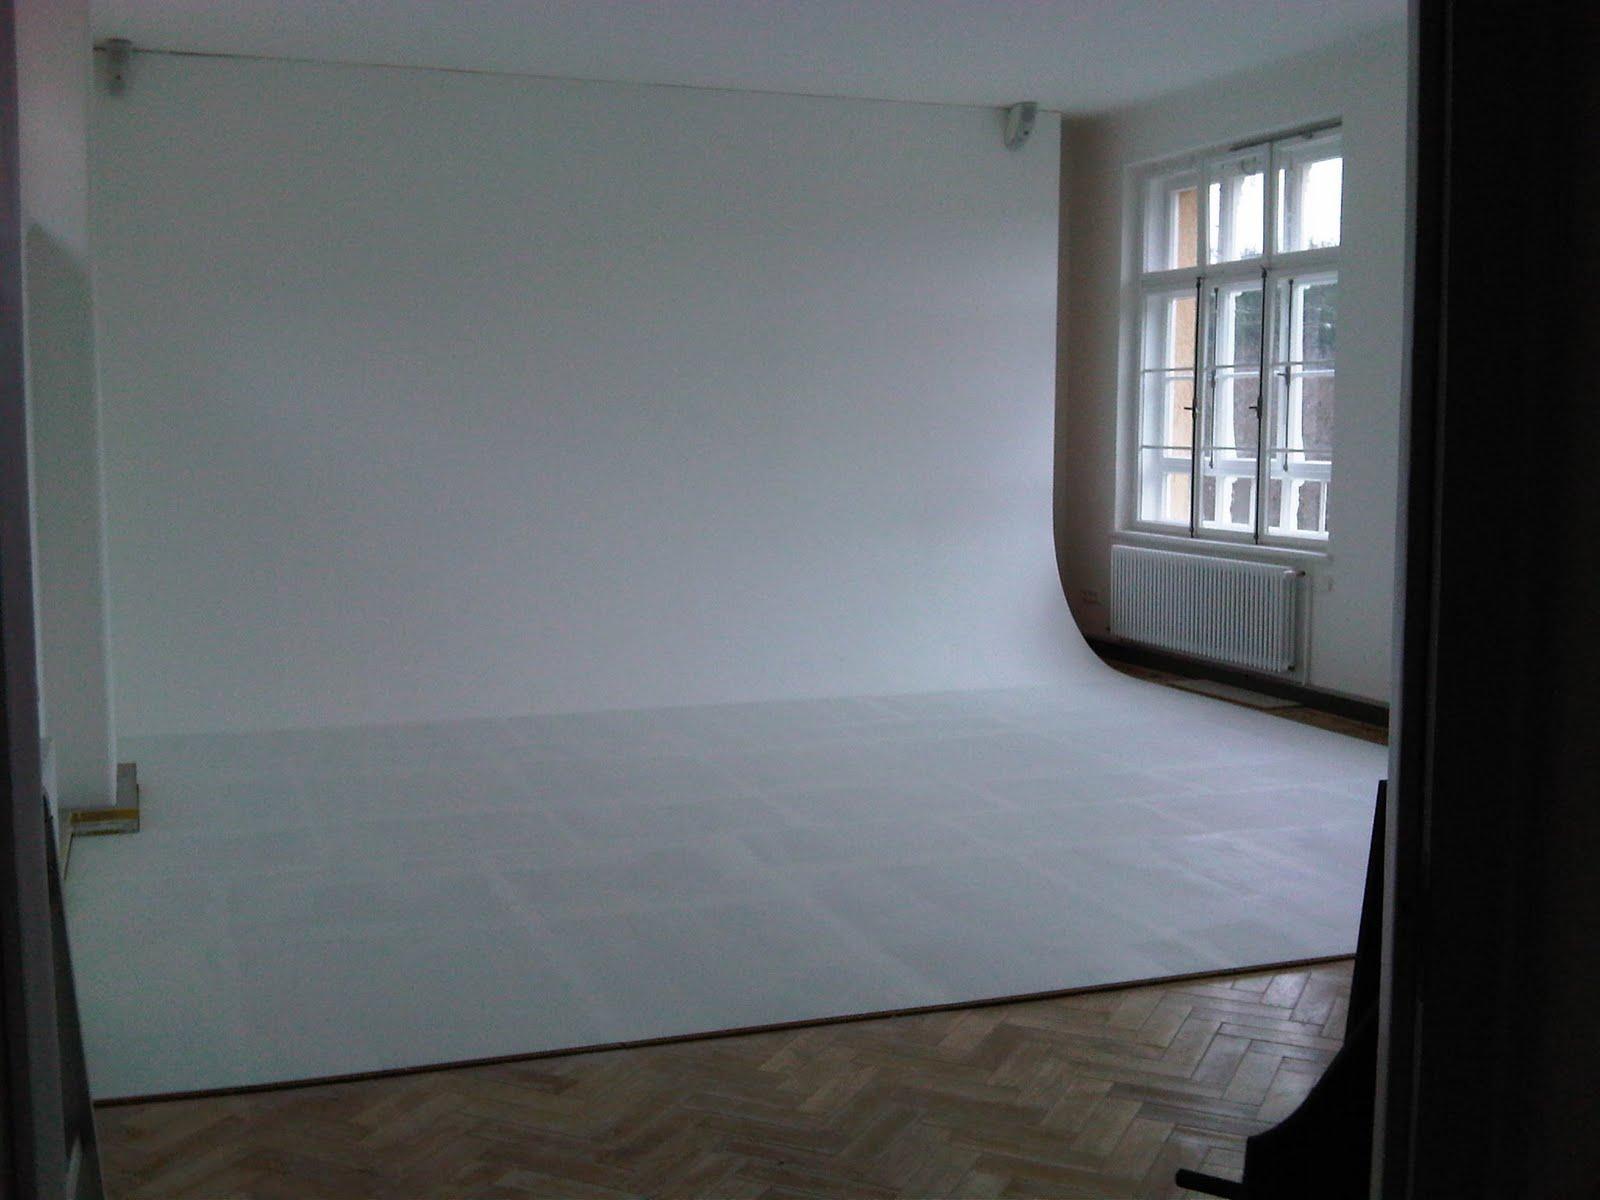 studio augsburg hohlkehle bald fertig. Black Bedroom Furniture Sets. Home Design Ideas